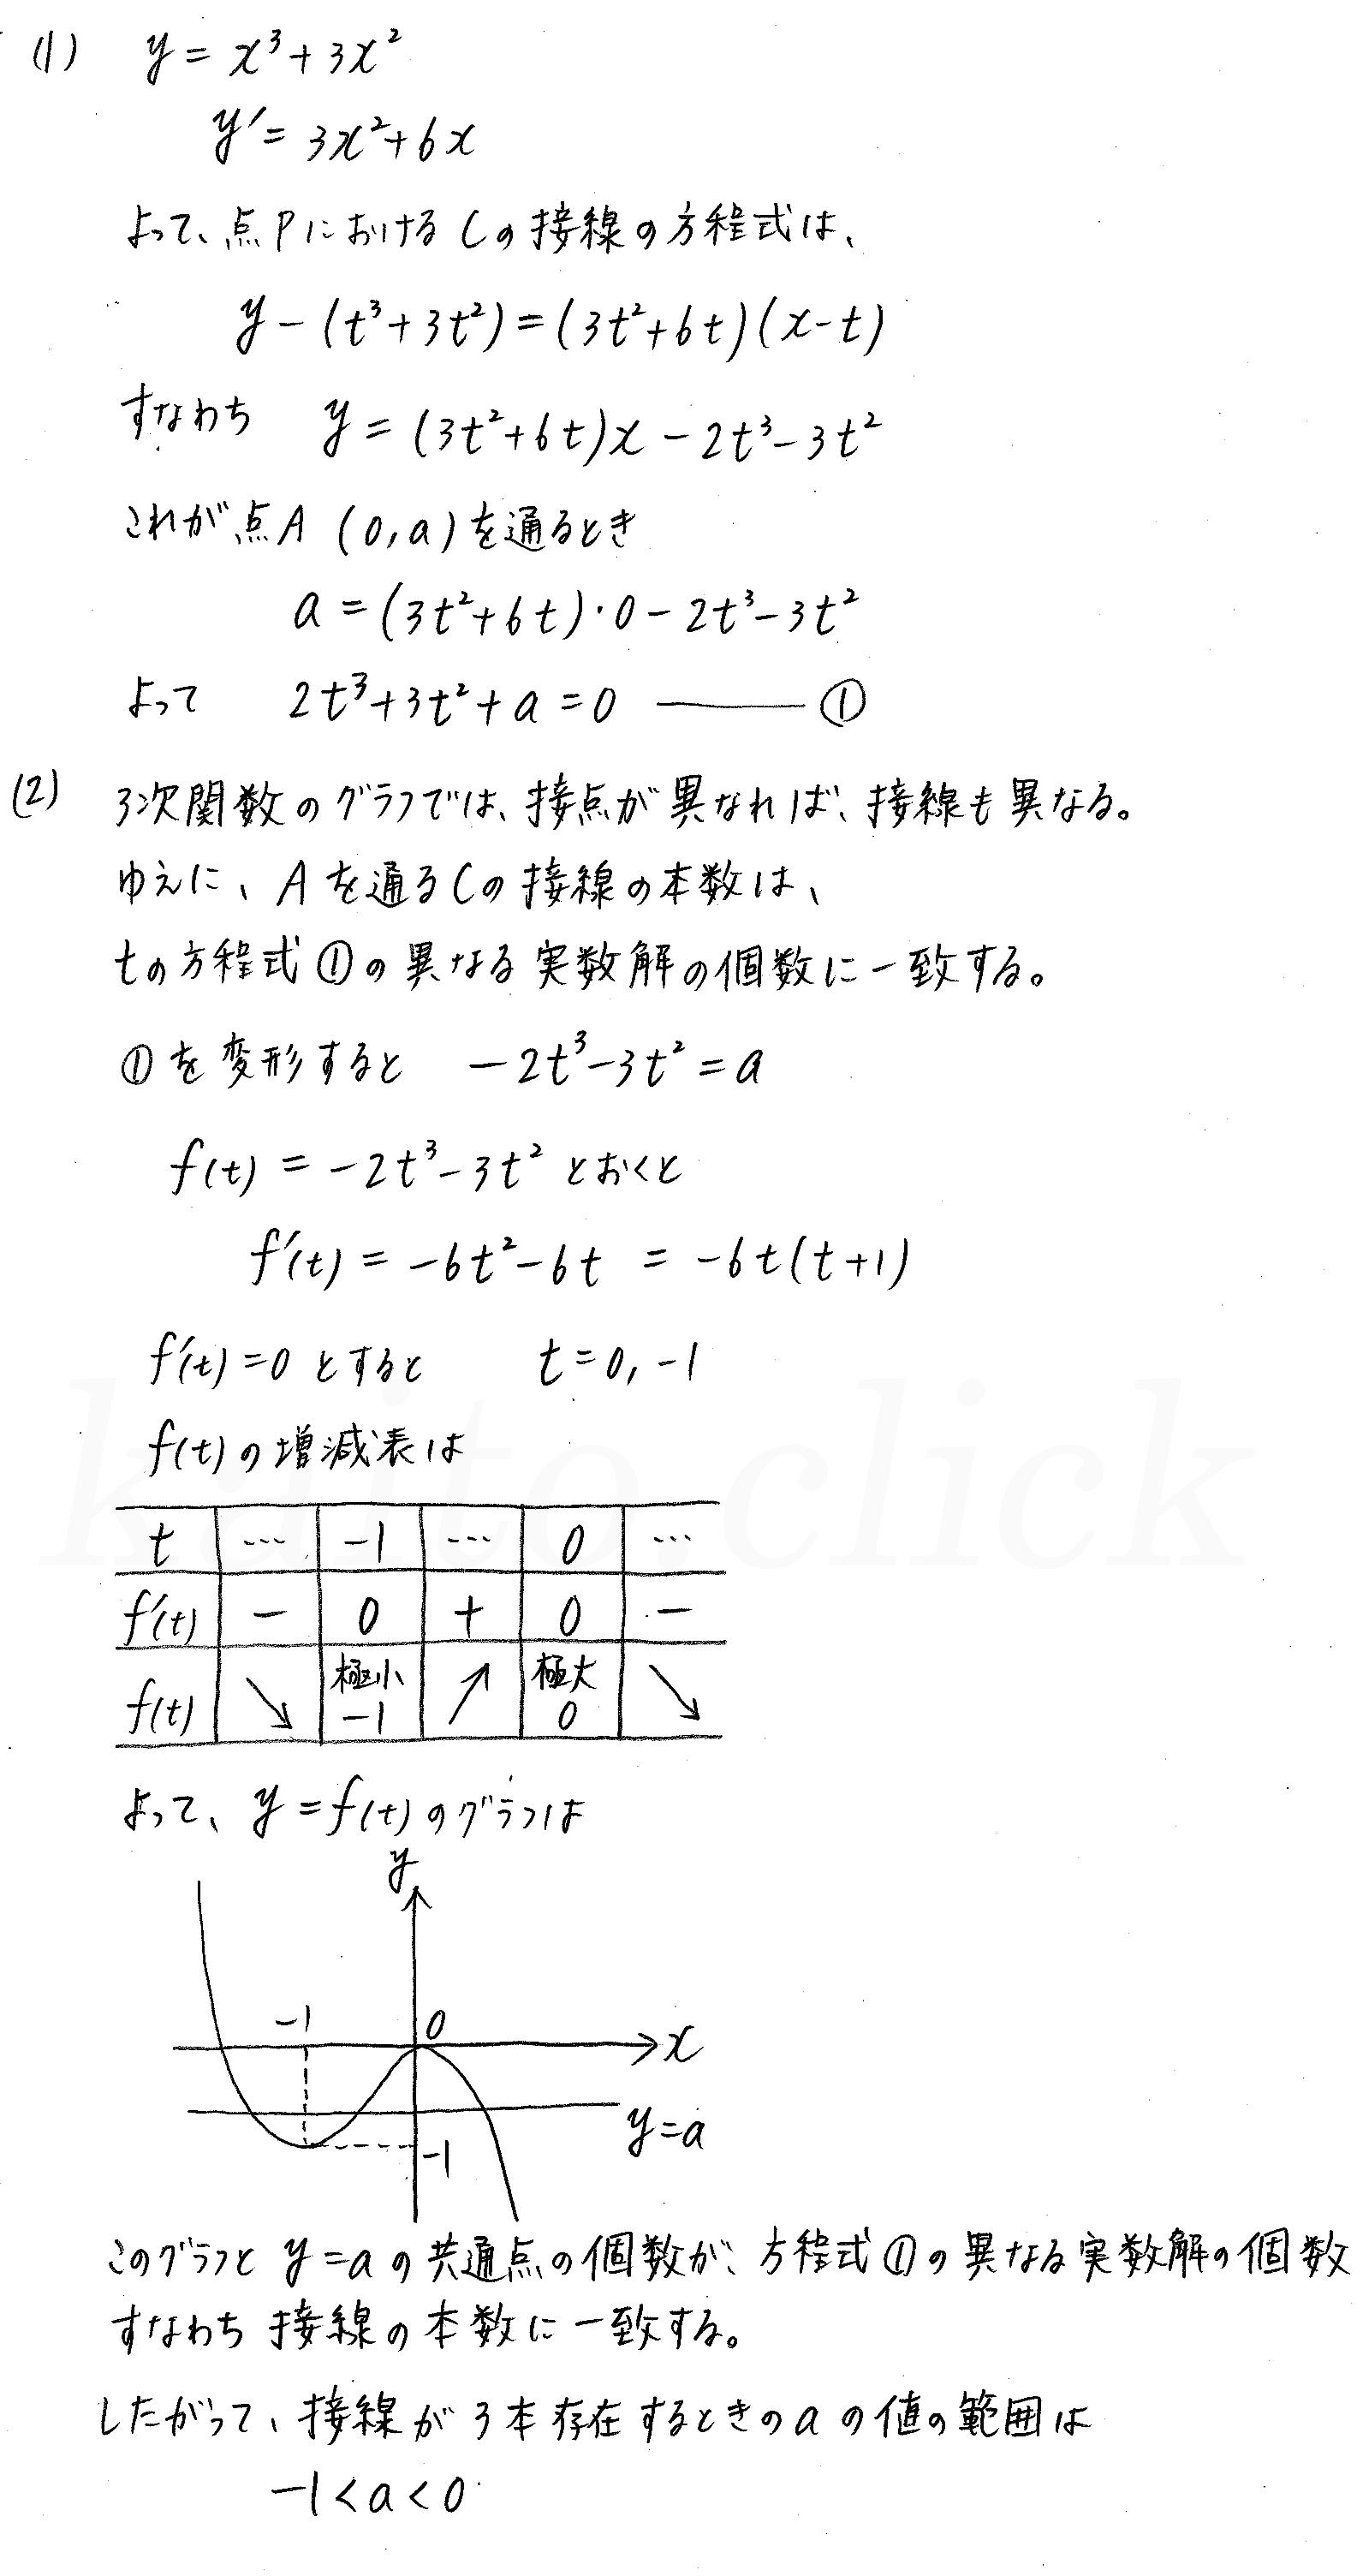 クリアー数学2-449解答